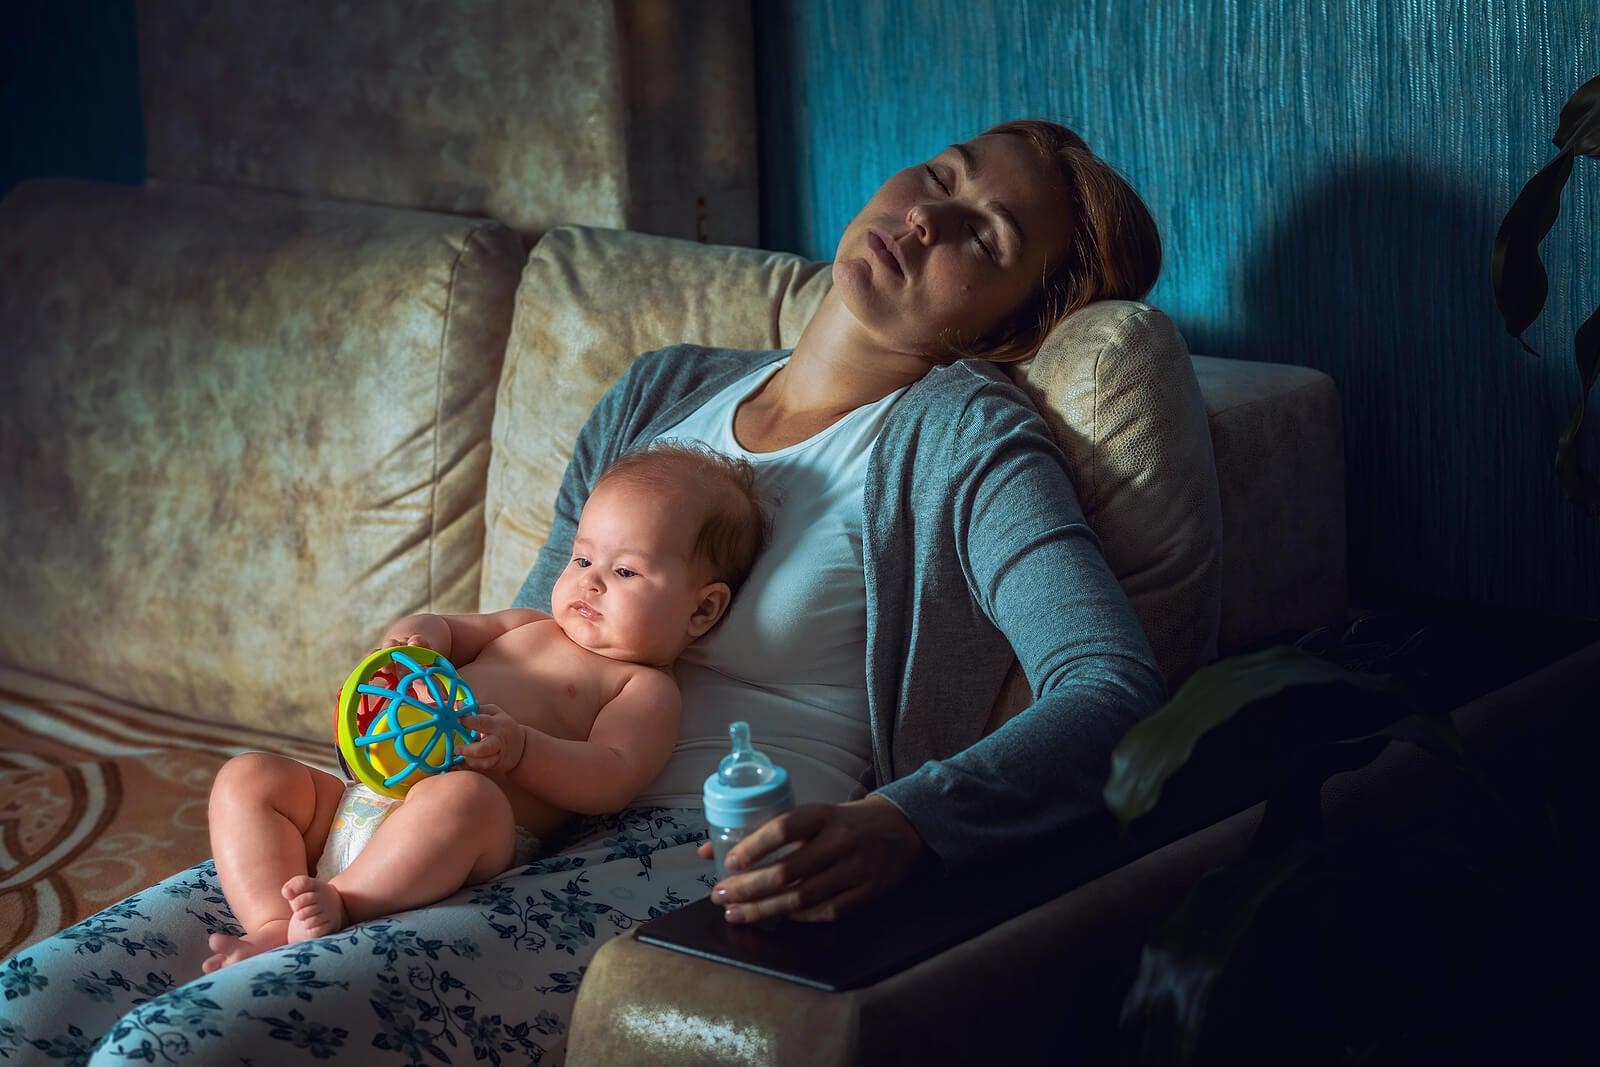 Mère épuisée avec son fils dans ses bras car elle n'a pas appris à déléguer.